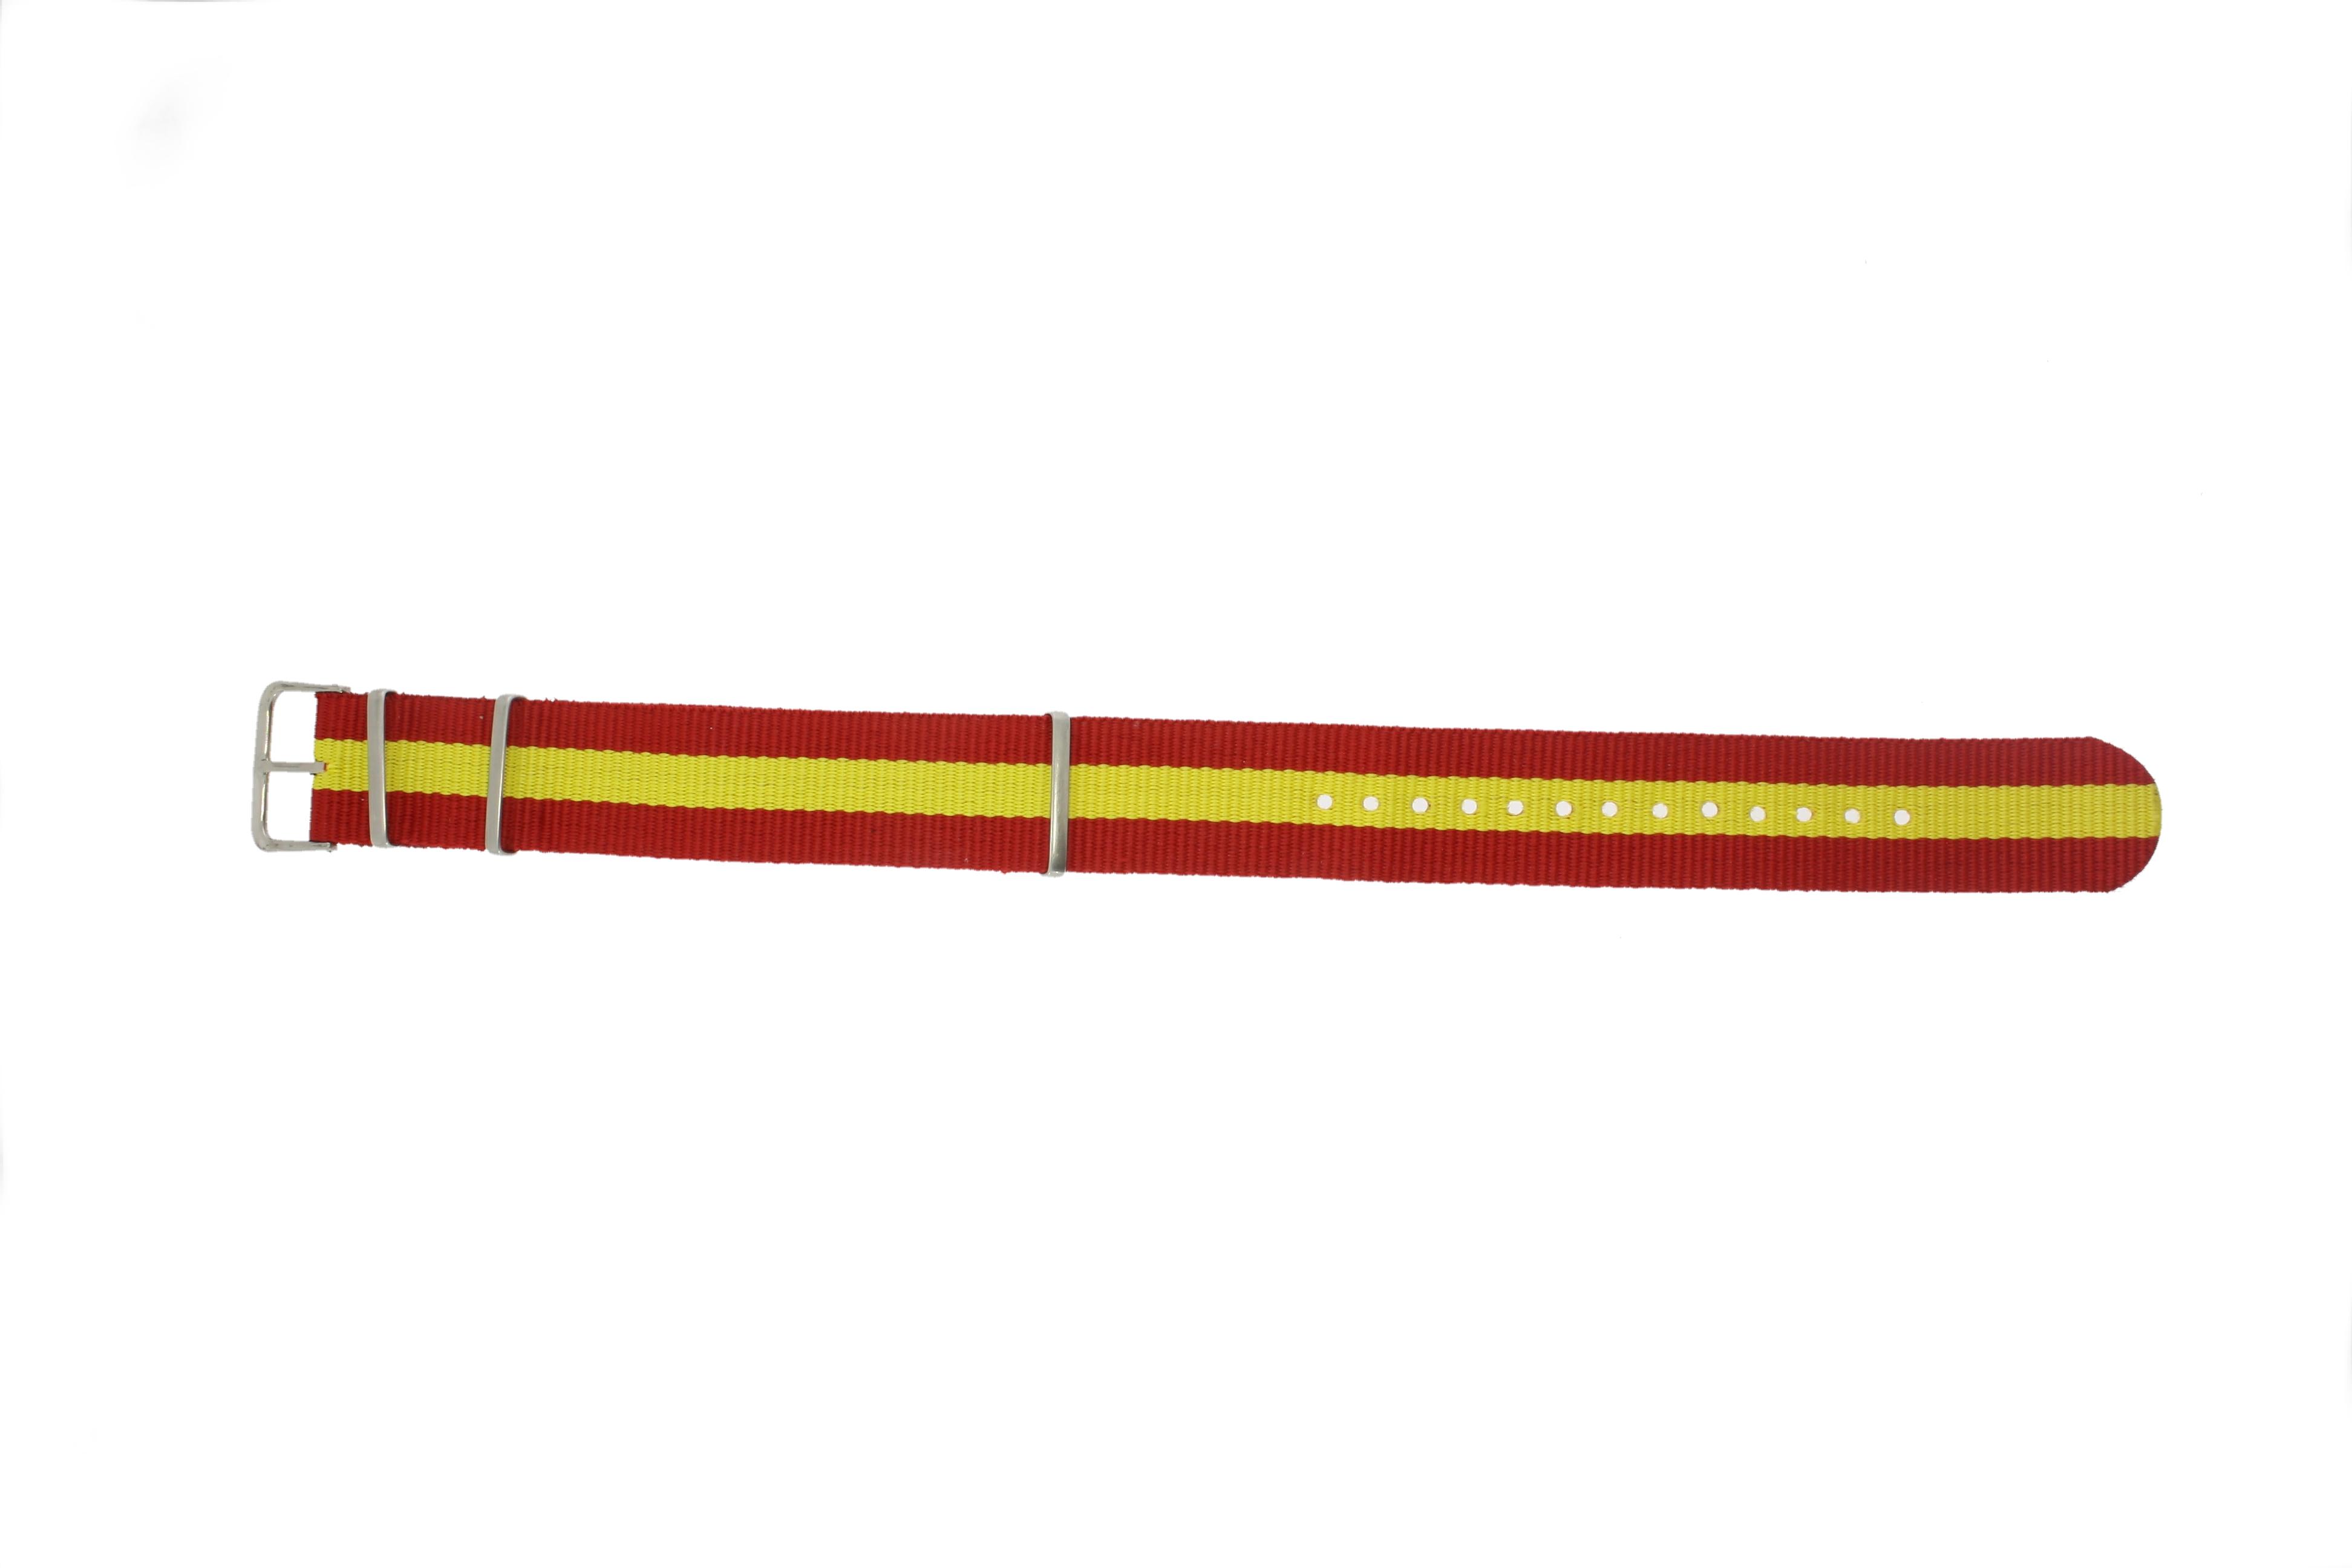 Horlogeband Textiel 20mm Rood / Geel EX WG38